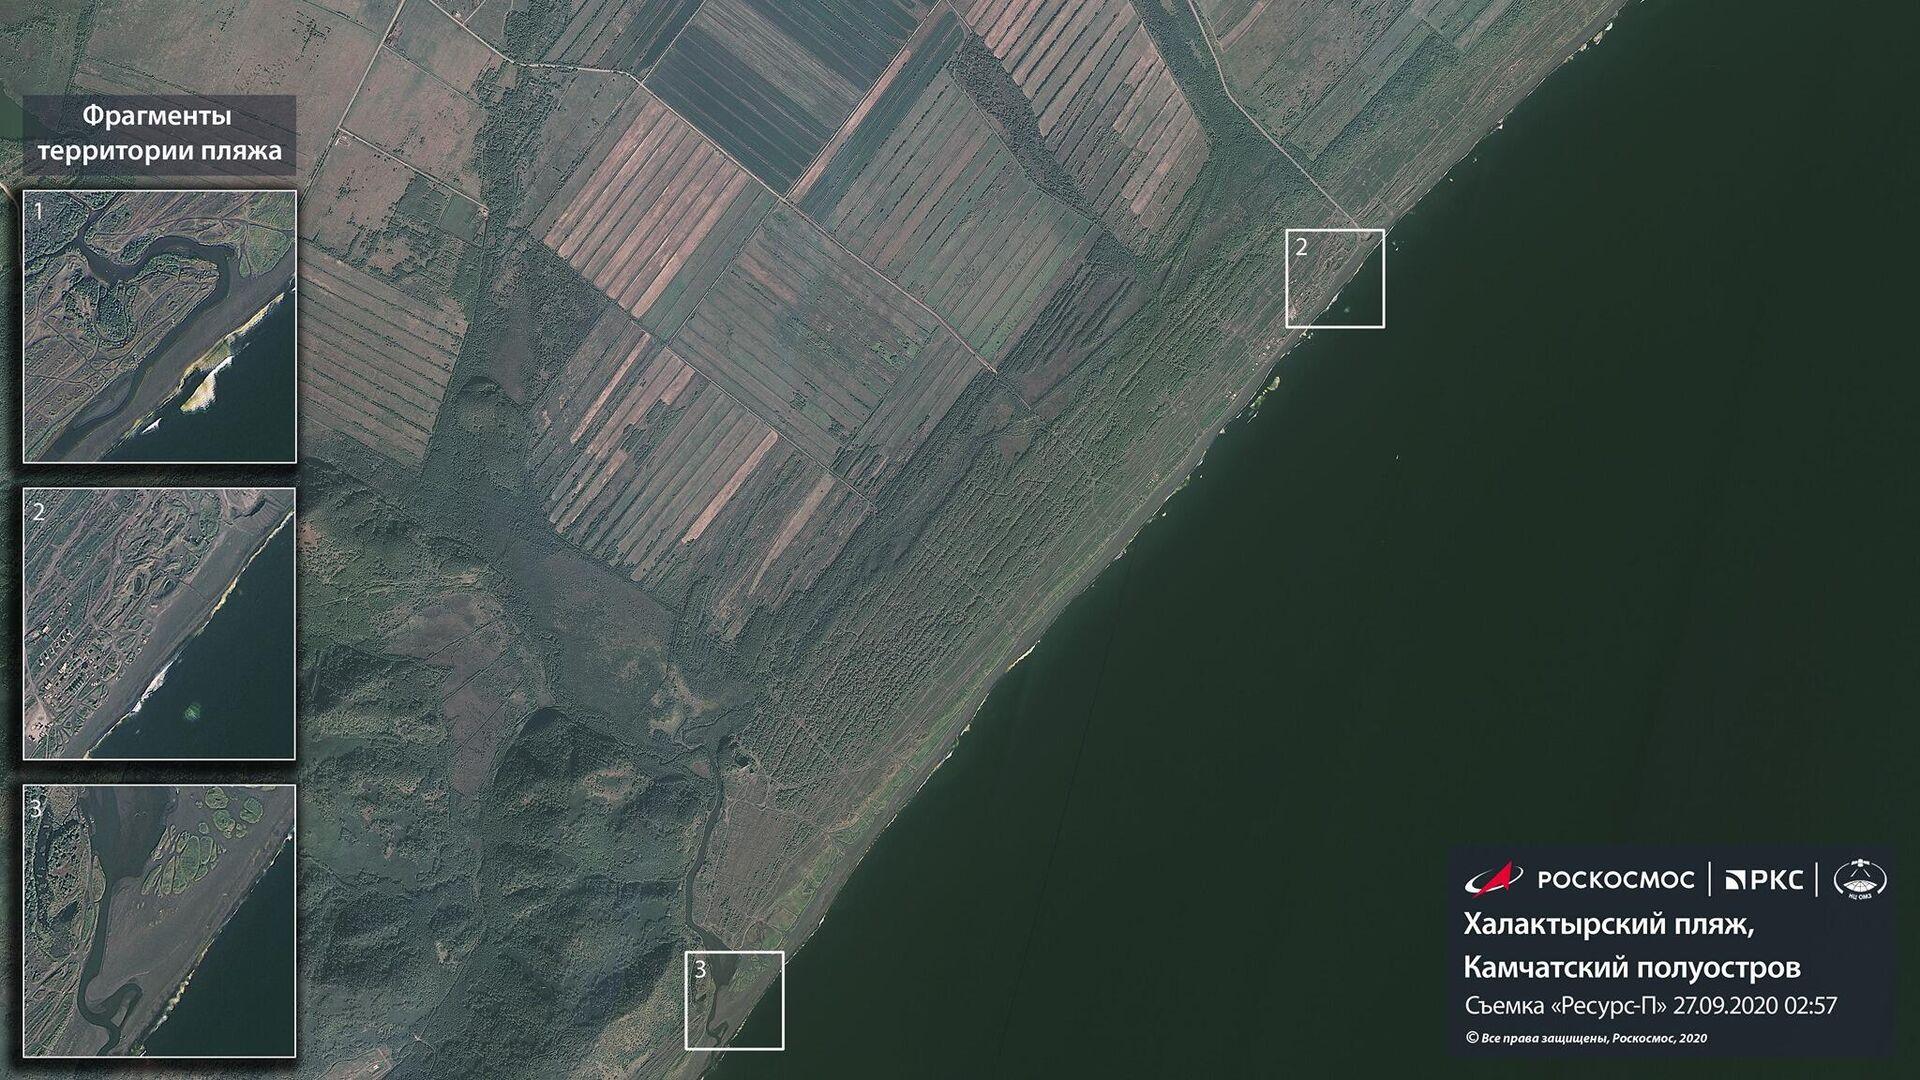 Роскосмос показал спутниковые снимки Камчатки, где произошло загрязнение побережья - РИА Новости, 1920, 05.10.2020